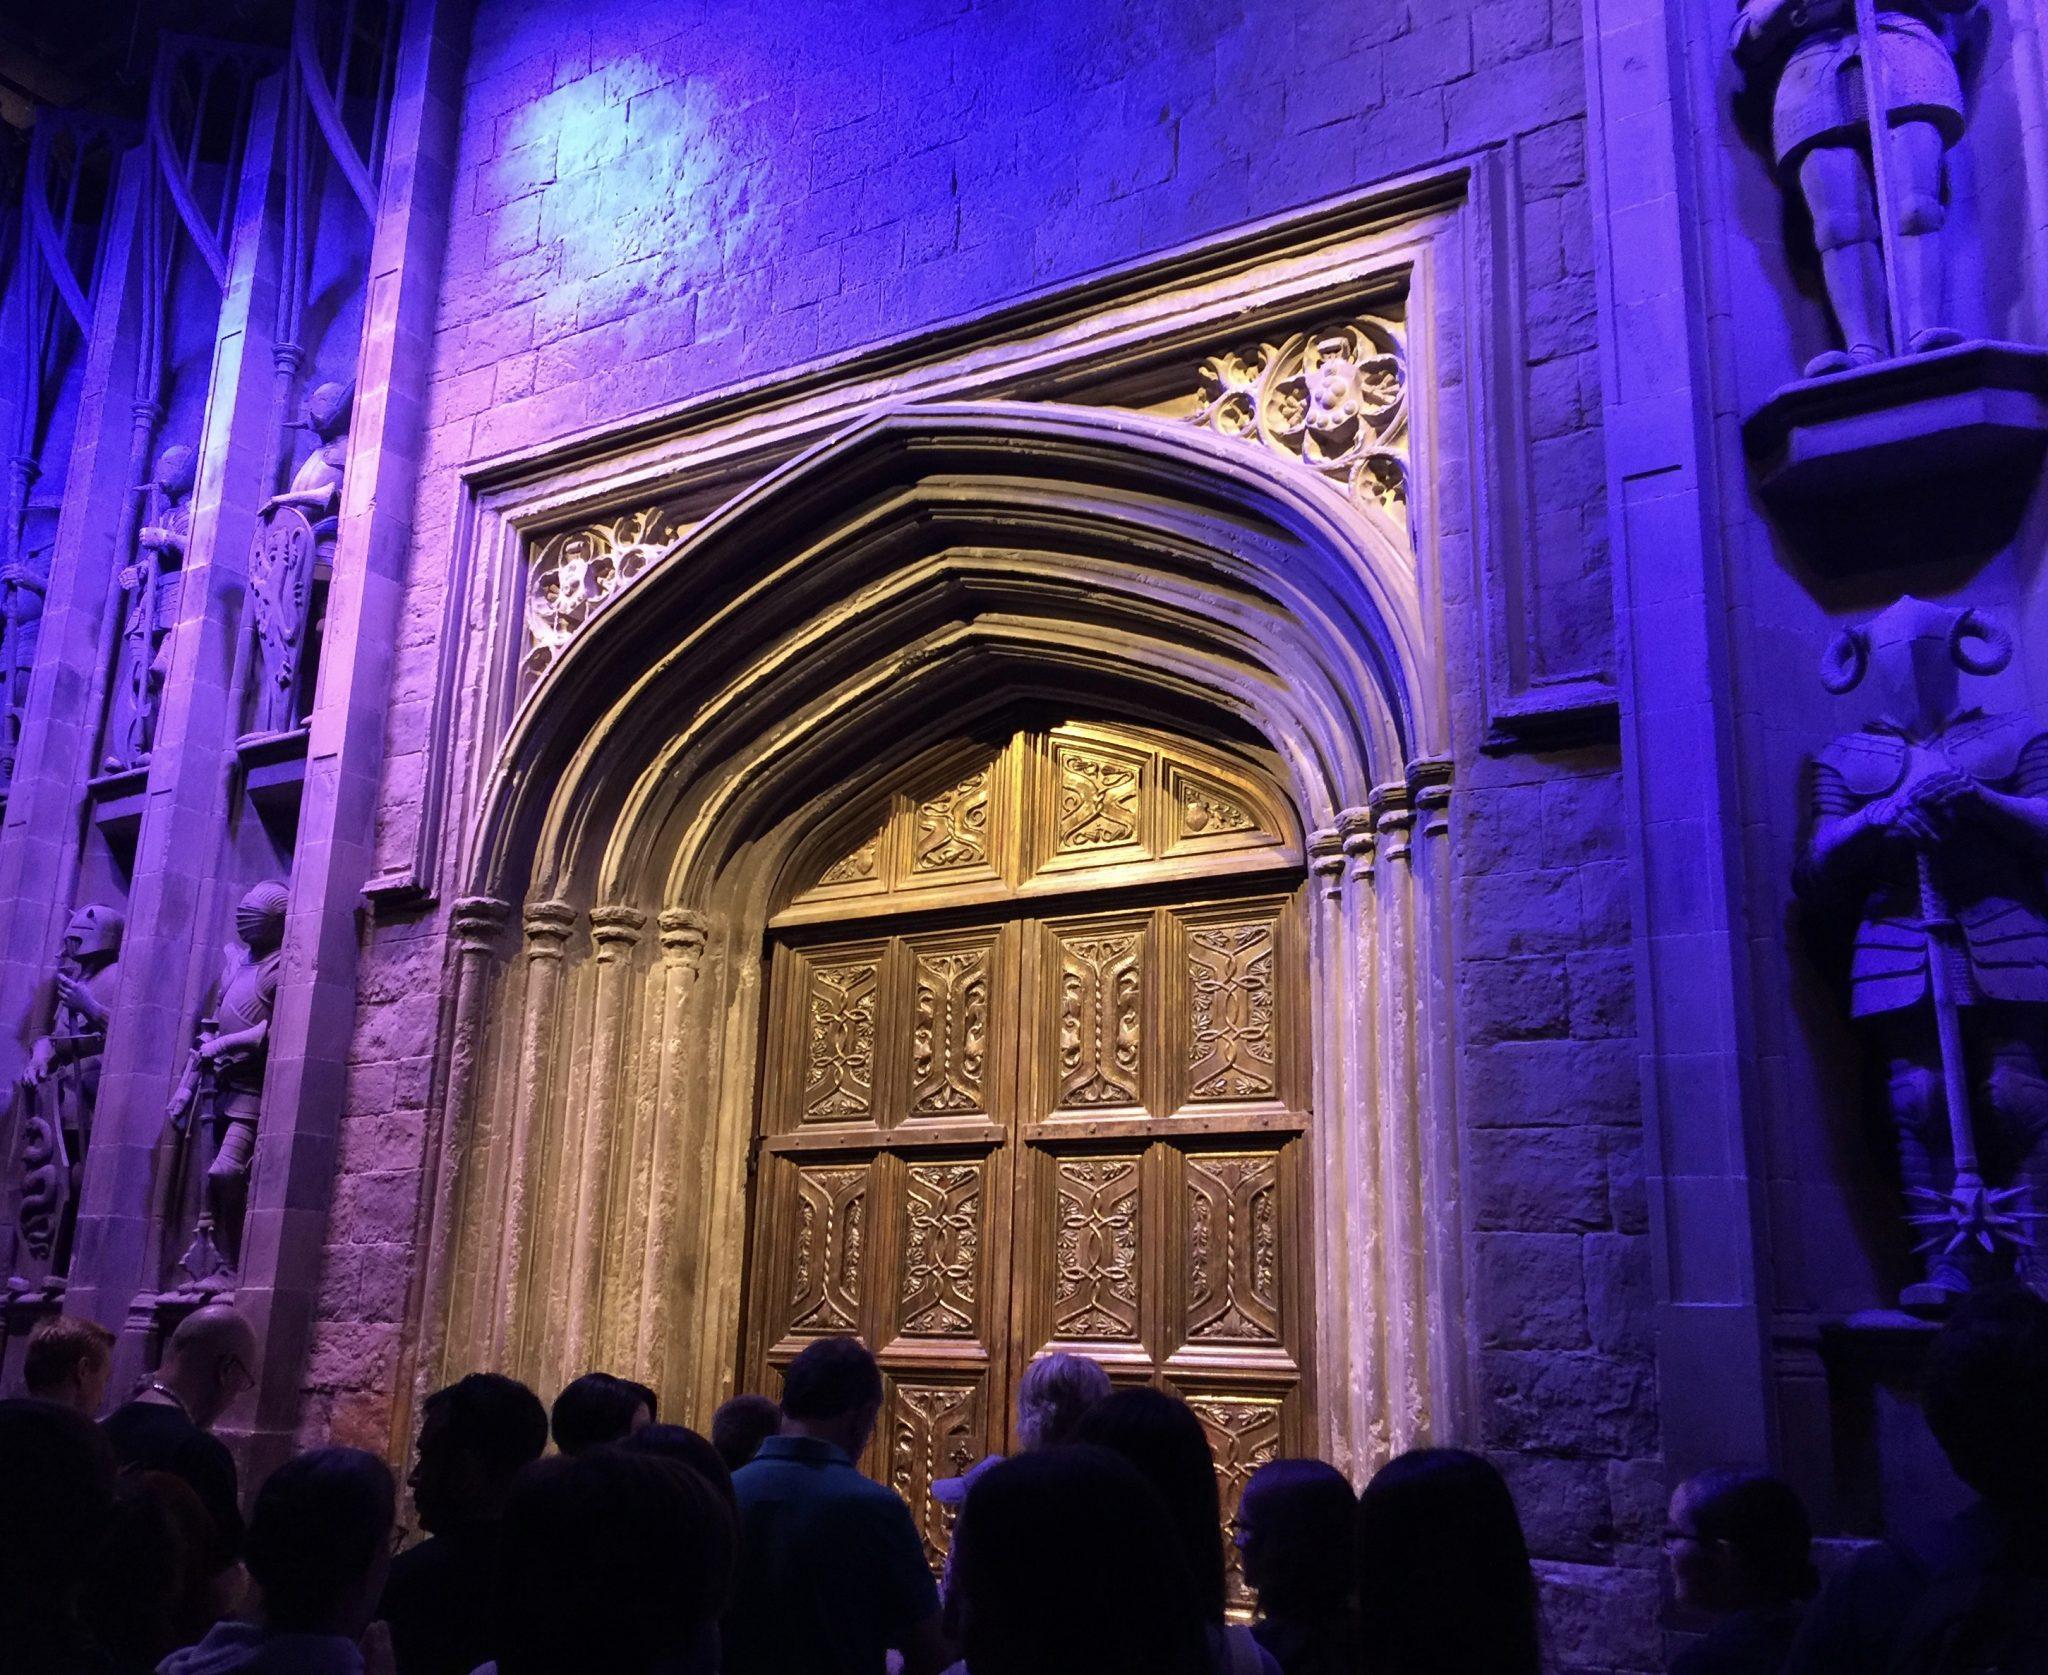 Visiting Harry Potter Warner Bros Studio Tour